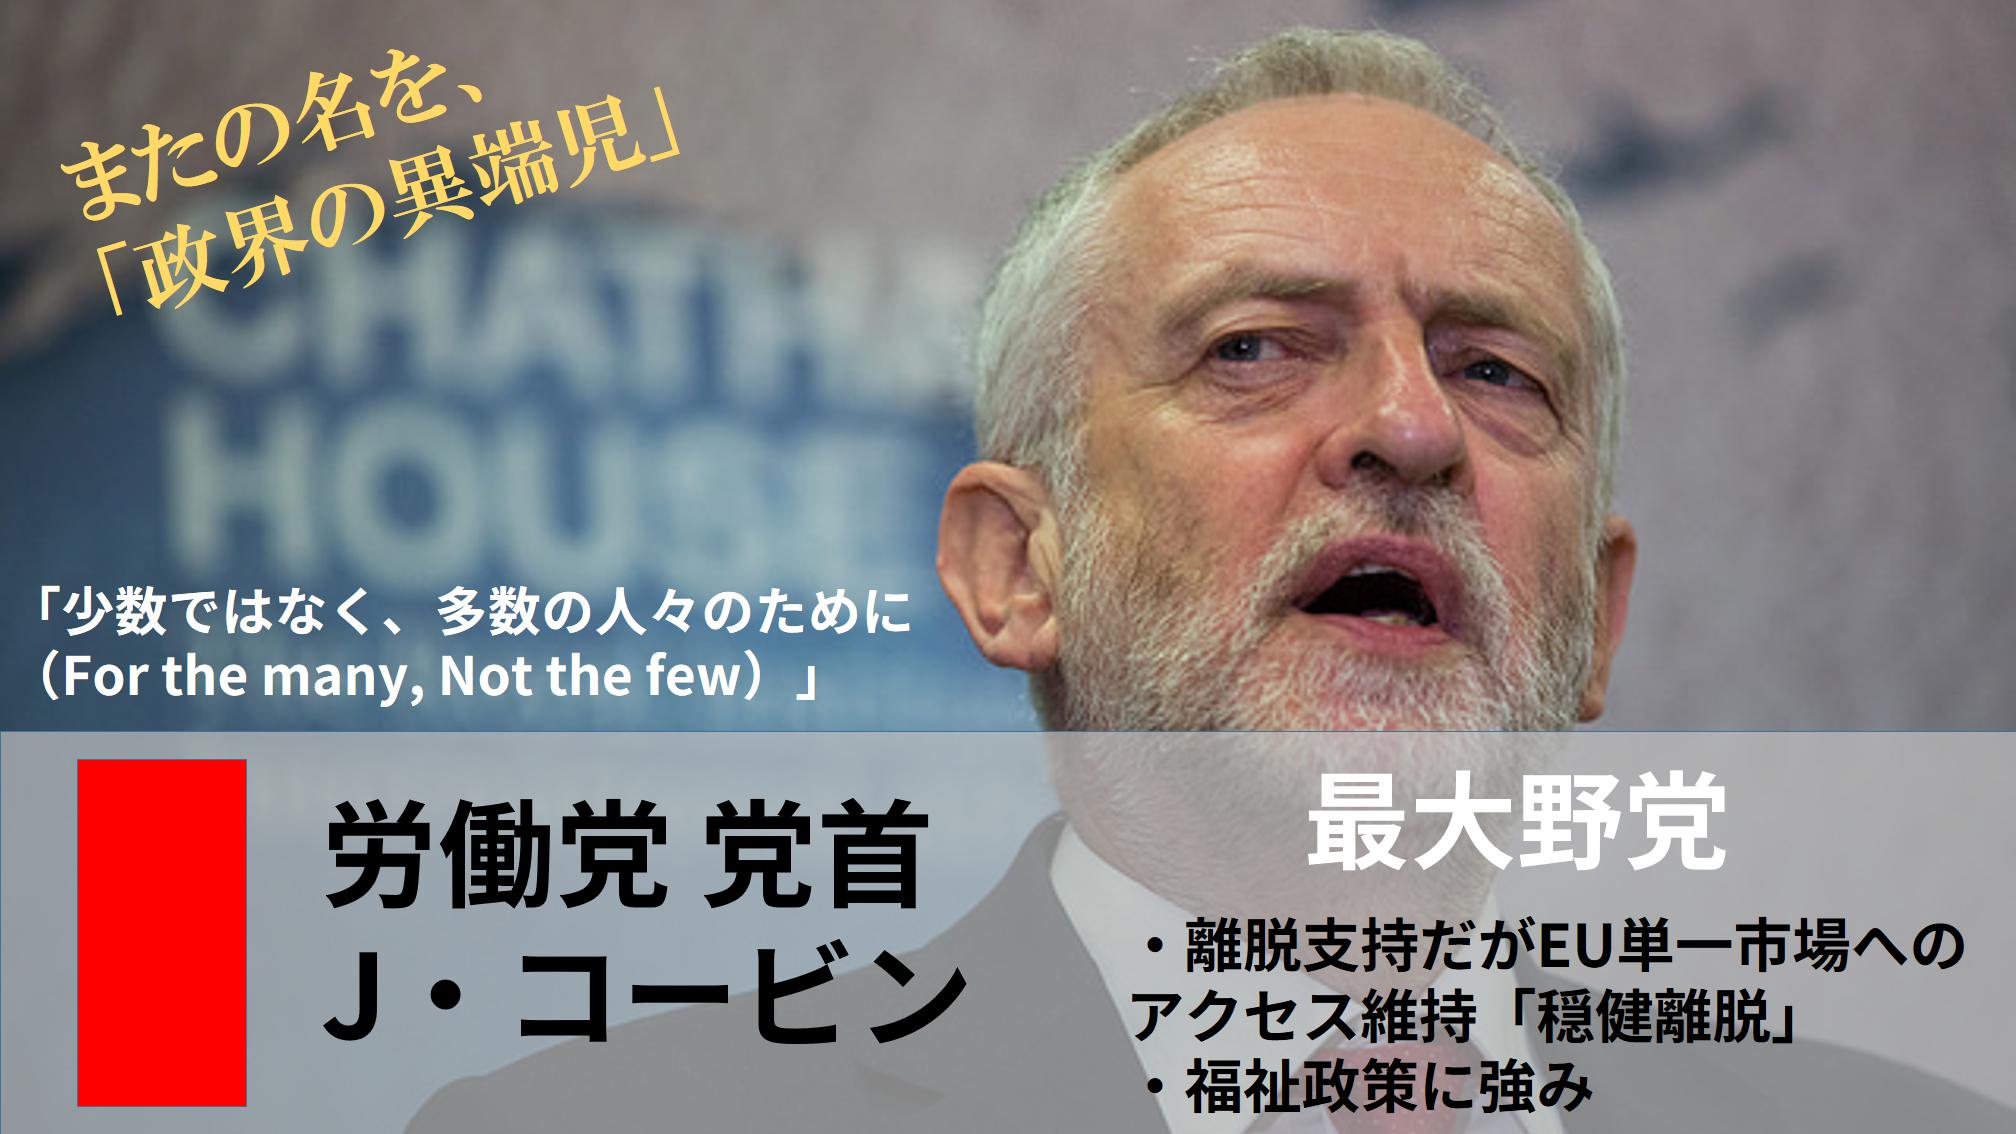 ee3be1d100caf1aa771552d59c2bd436 - イギリス総選挙 「ザックリ」解説